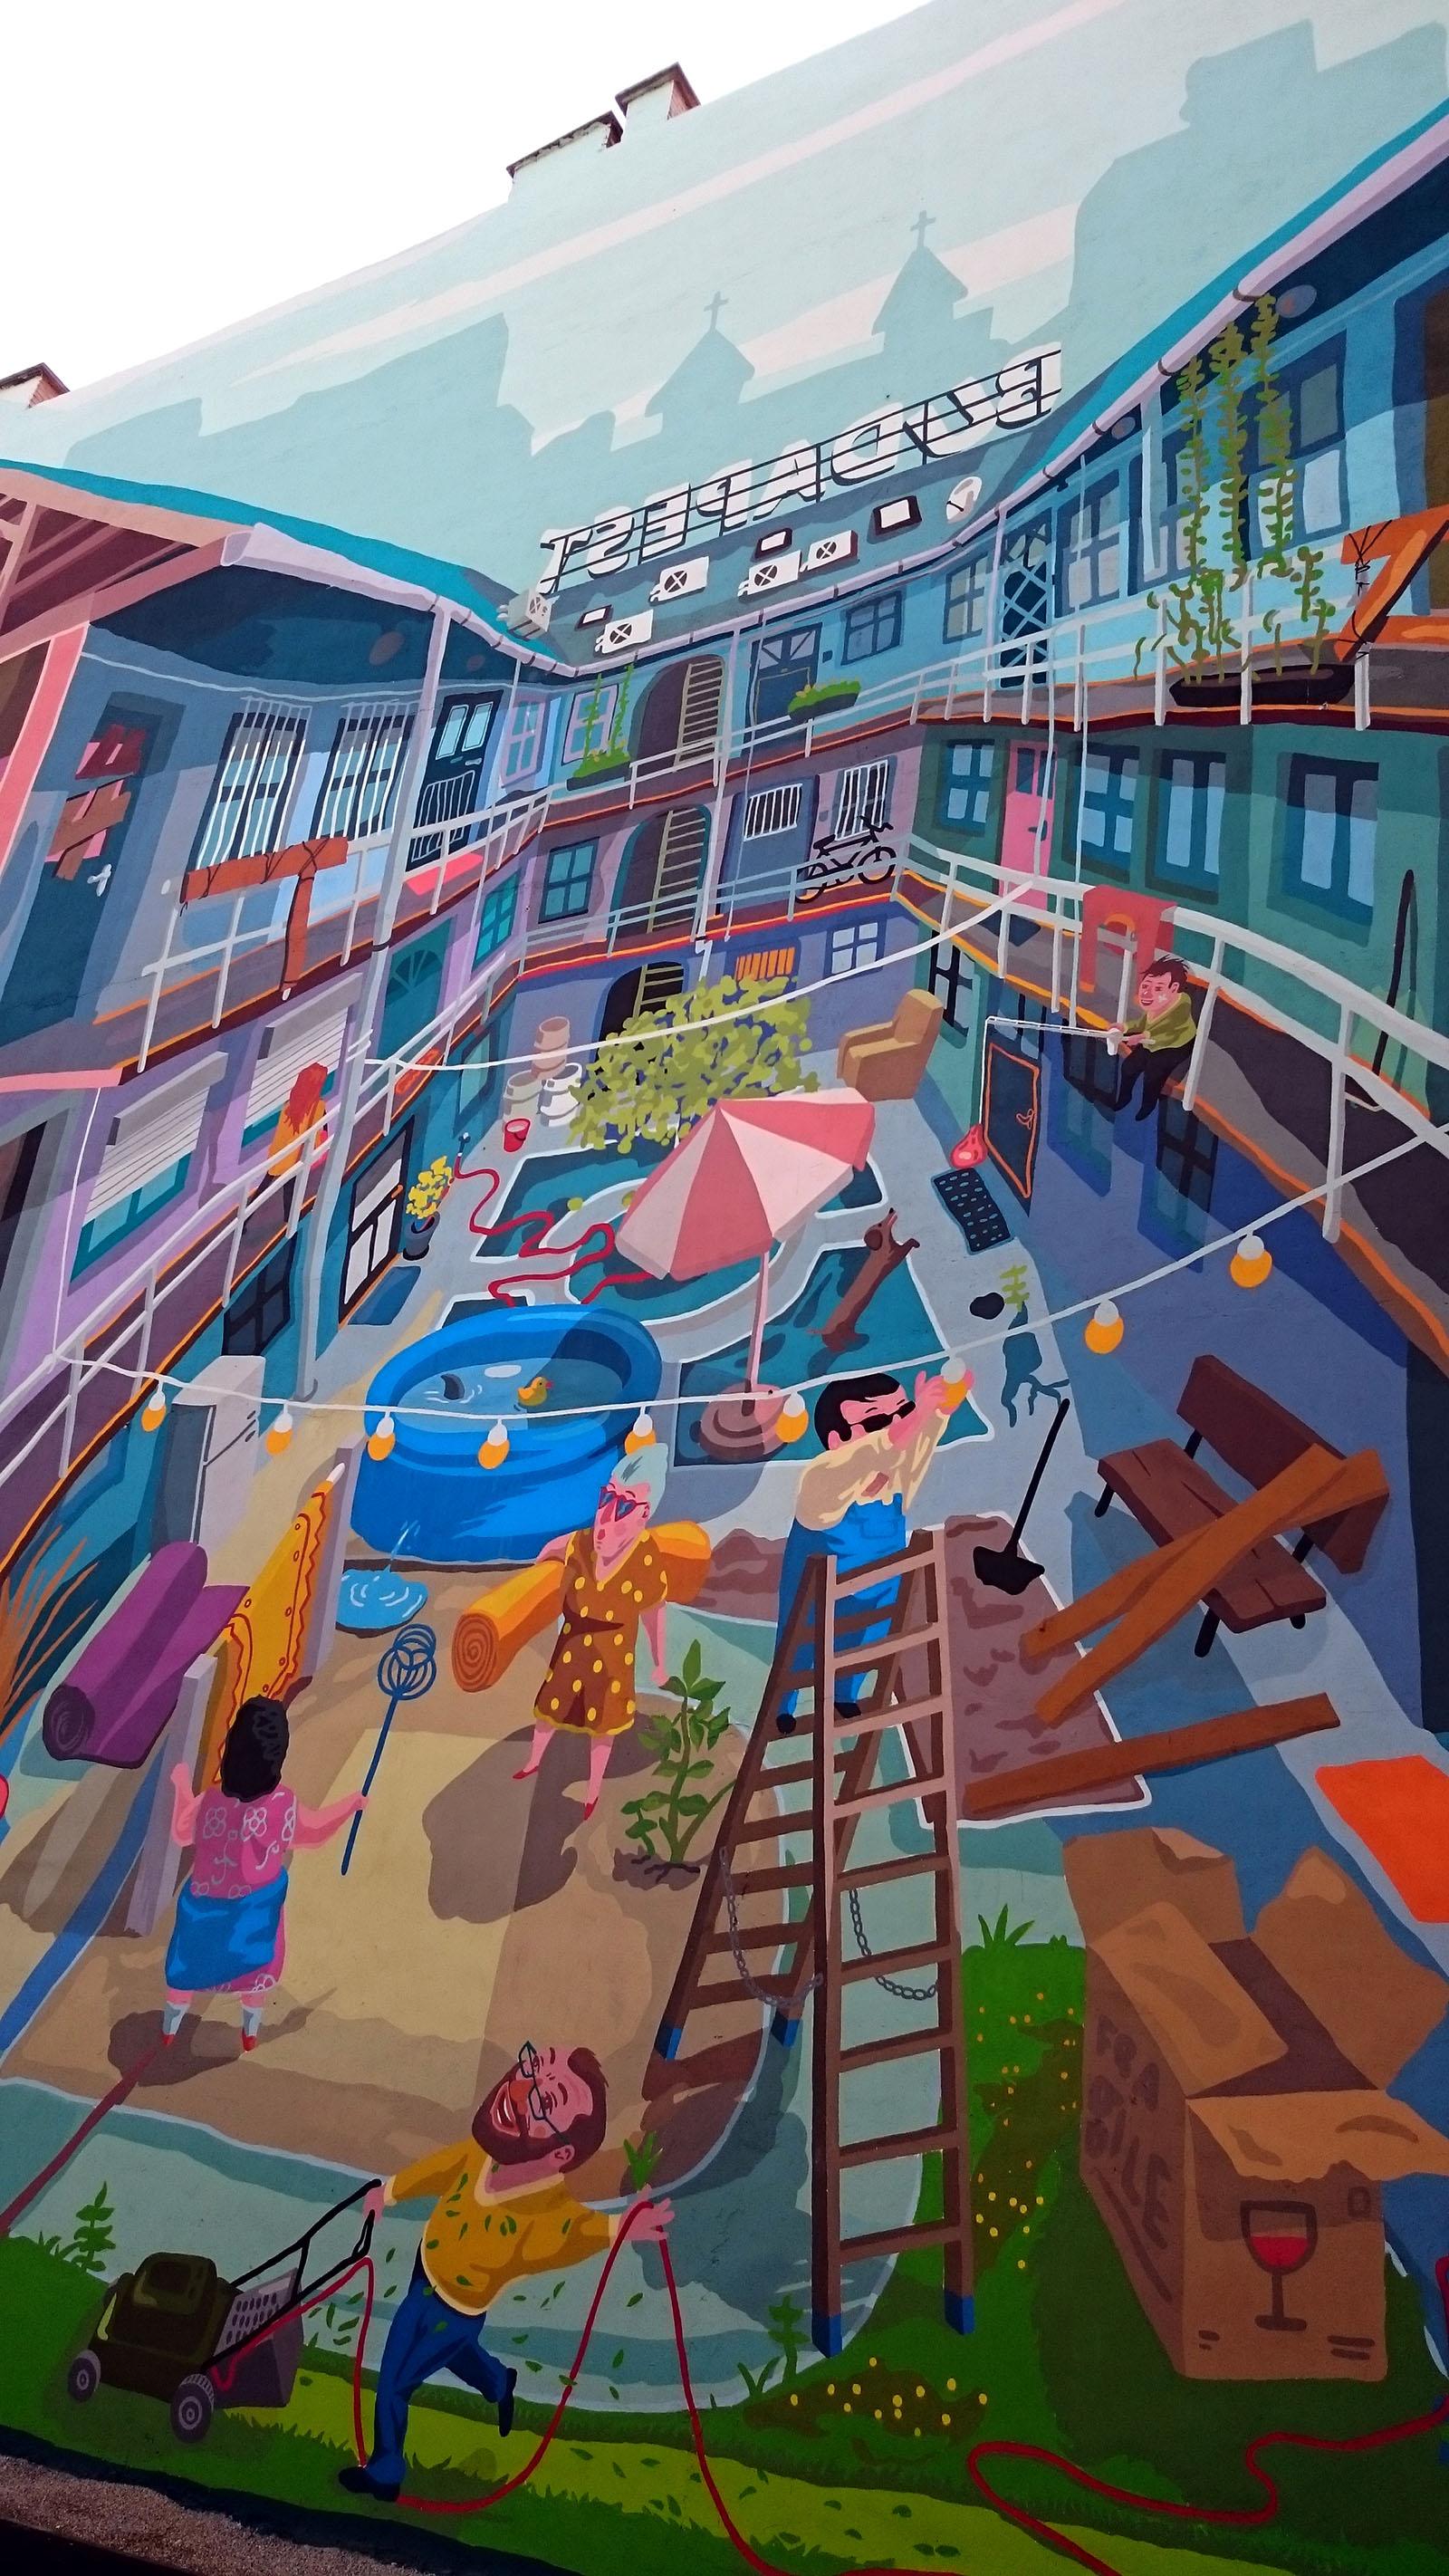 neopaint works - tűzfalfestés - falfestmény - dekorációs festés - graffiti (27)